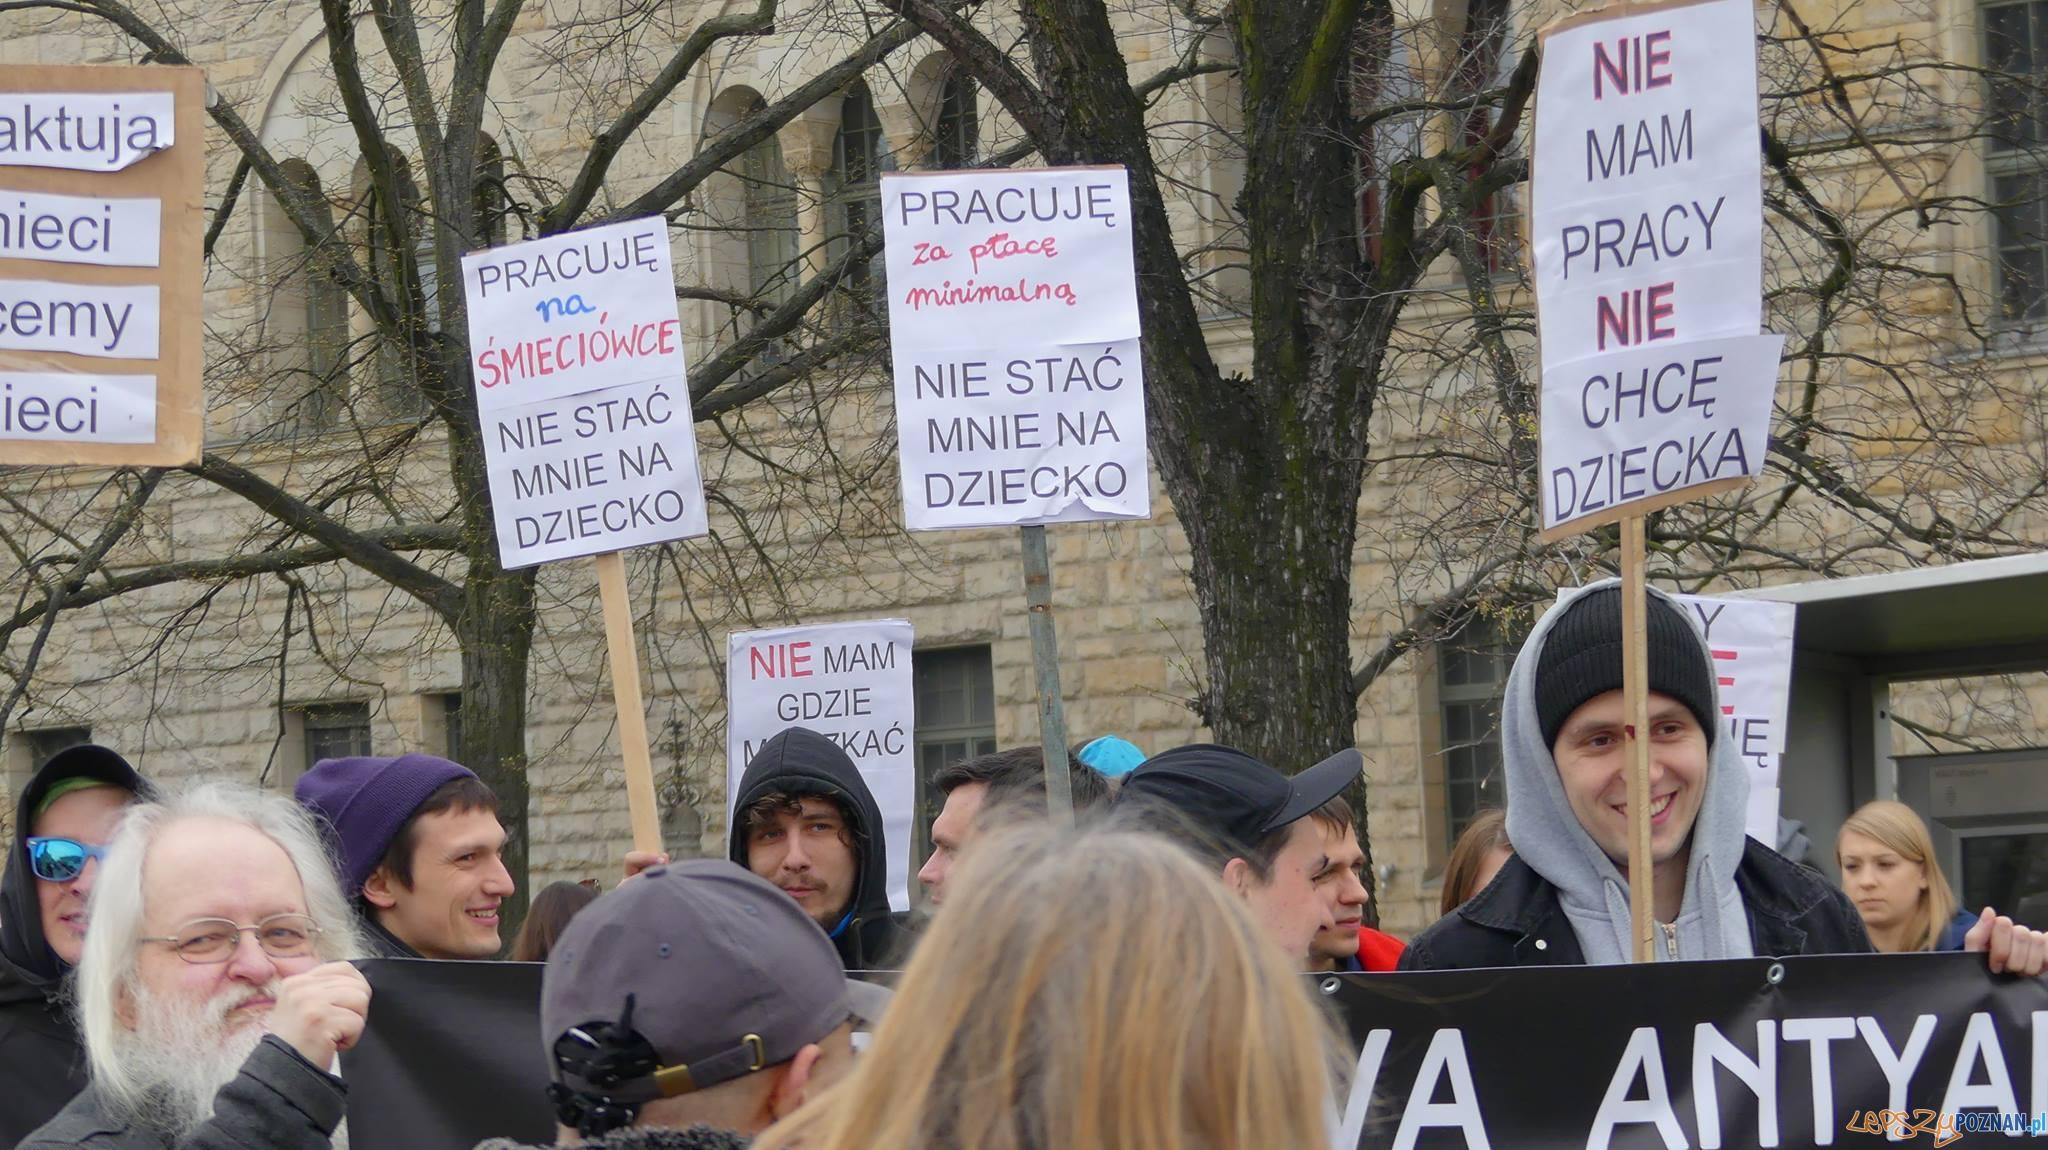 Manifestacja na Placu Mickiewicza  (4)  Foto: Agnieszka Klemińska